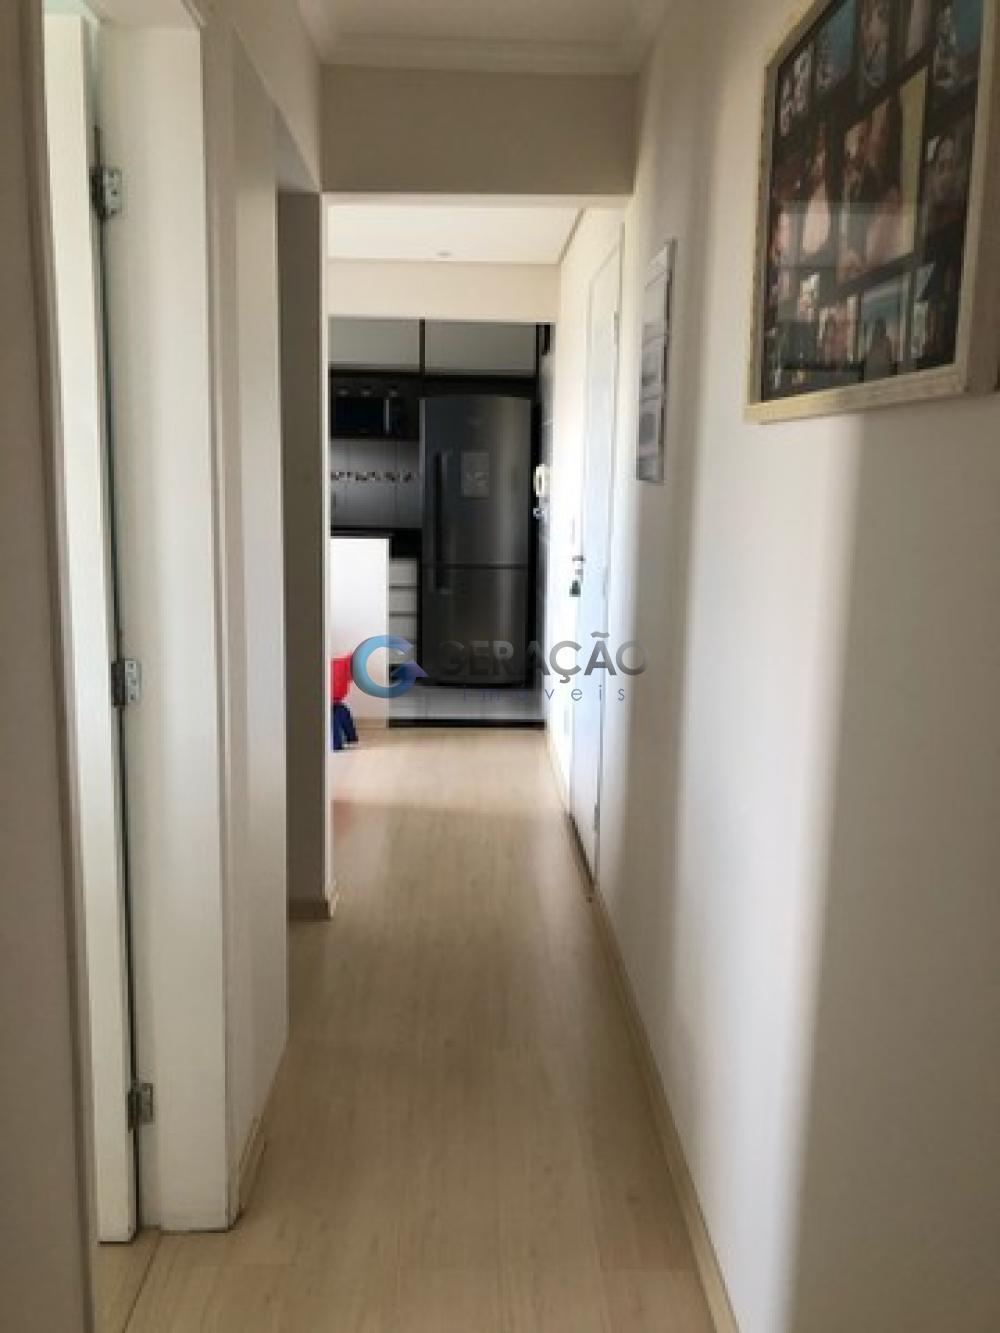 Comprar Apartamento / Padrão em São José dos Campos R$ 234.000,00 - Foto 7